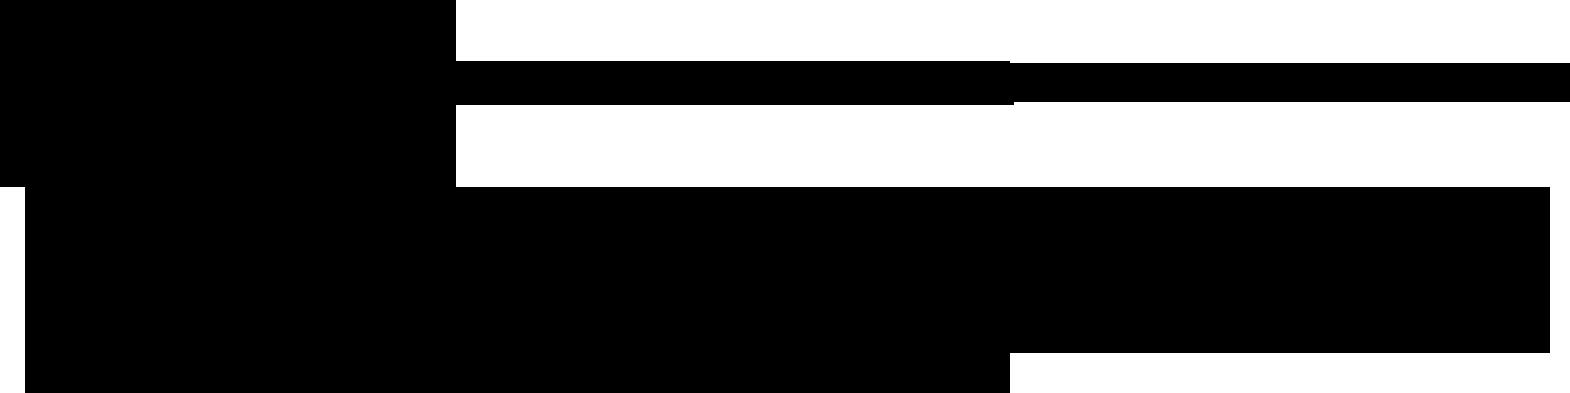 Angelzentrale